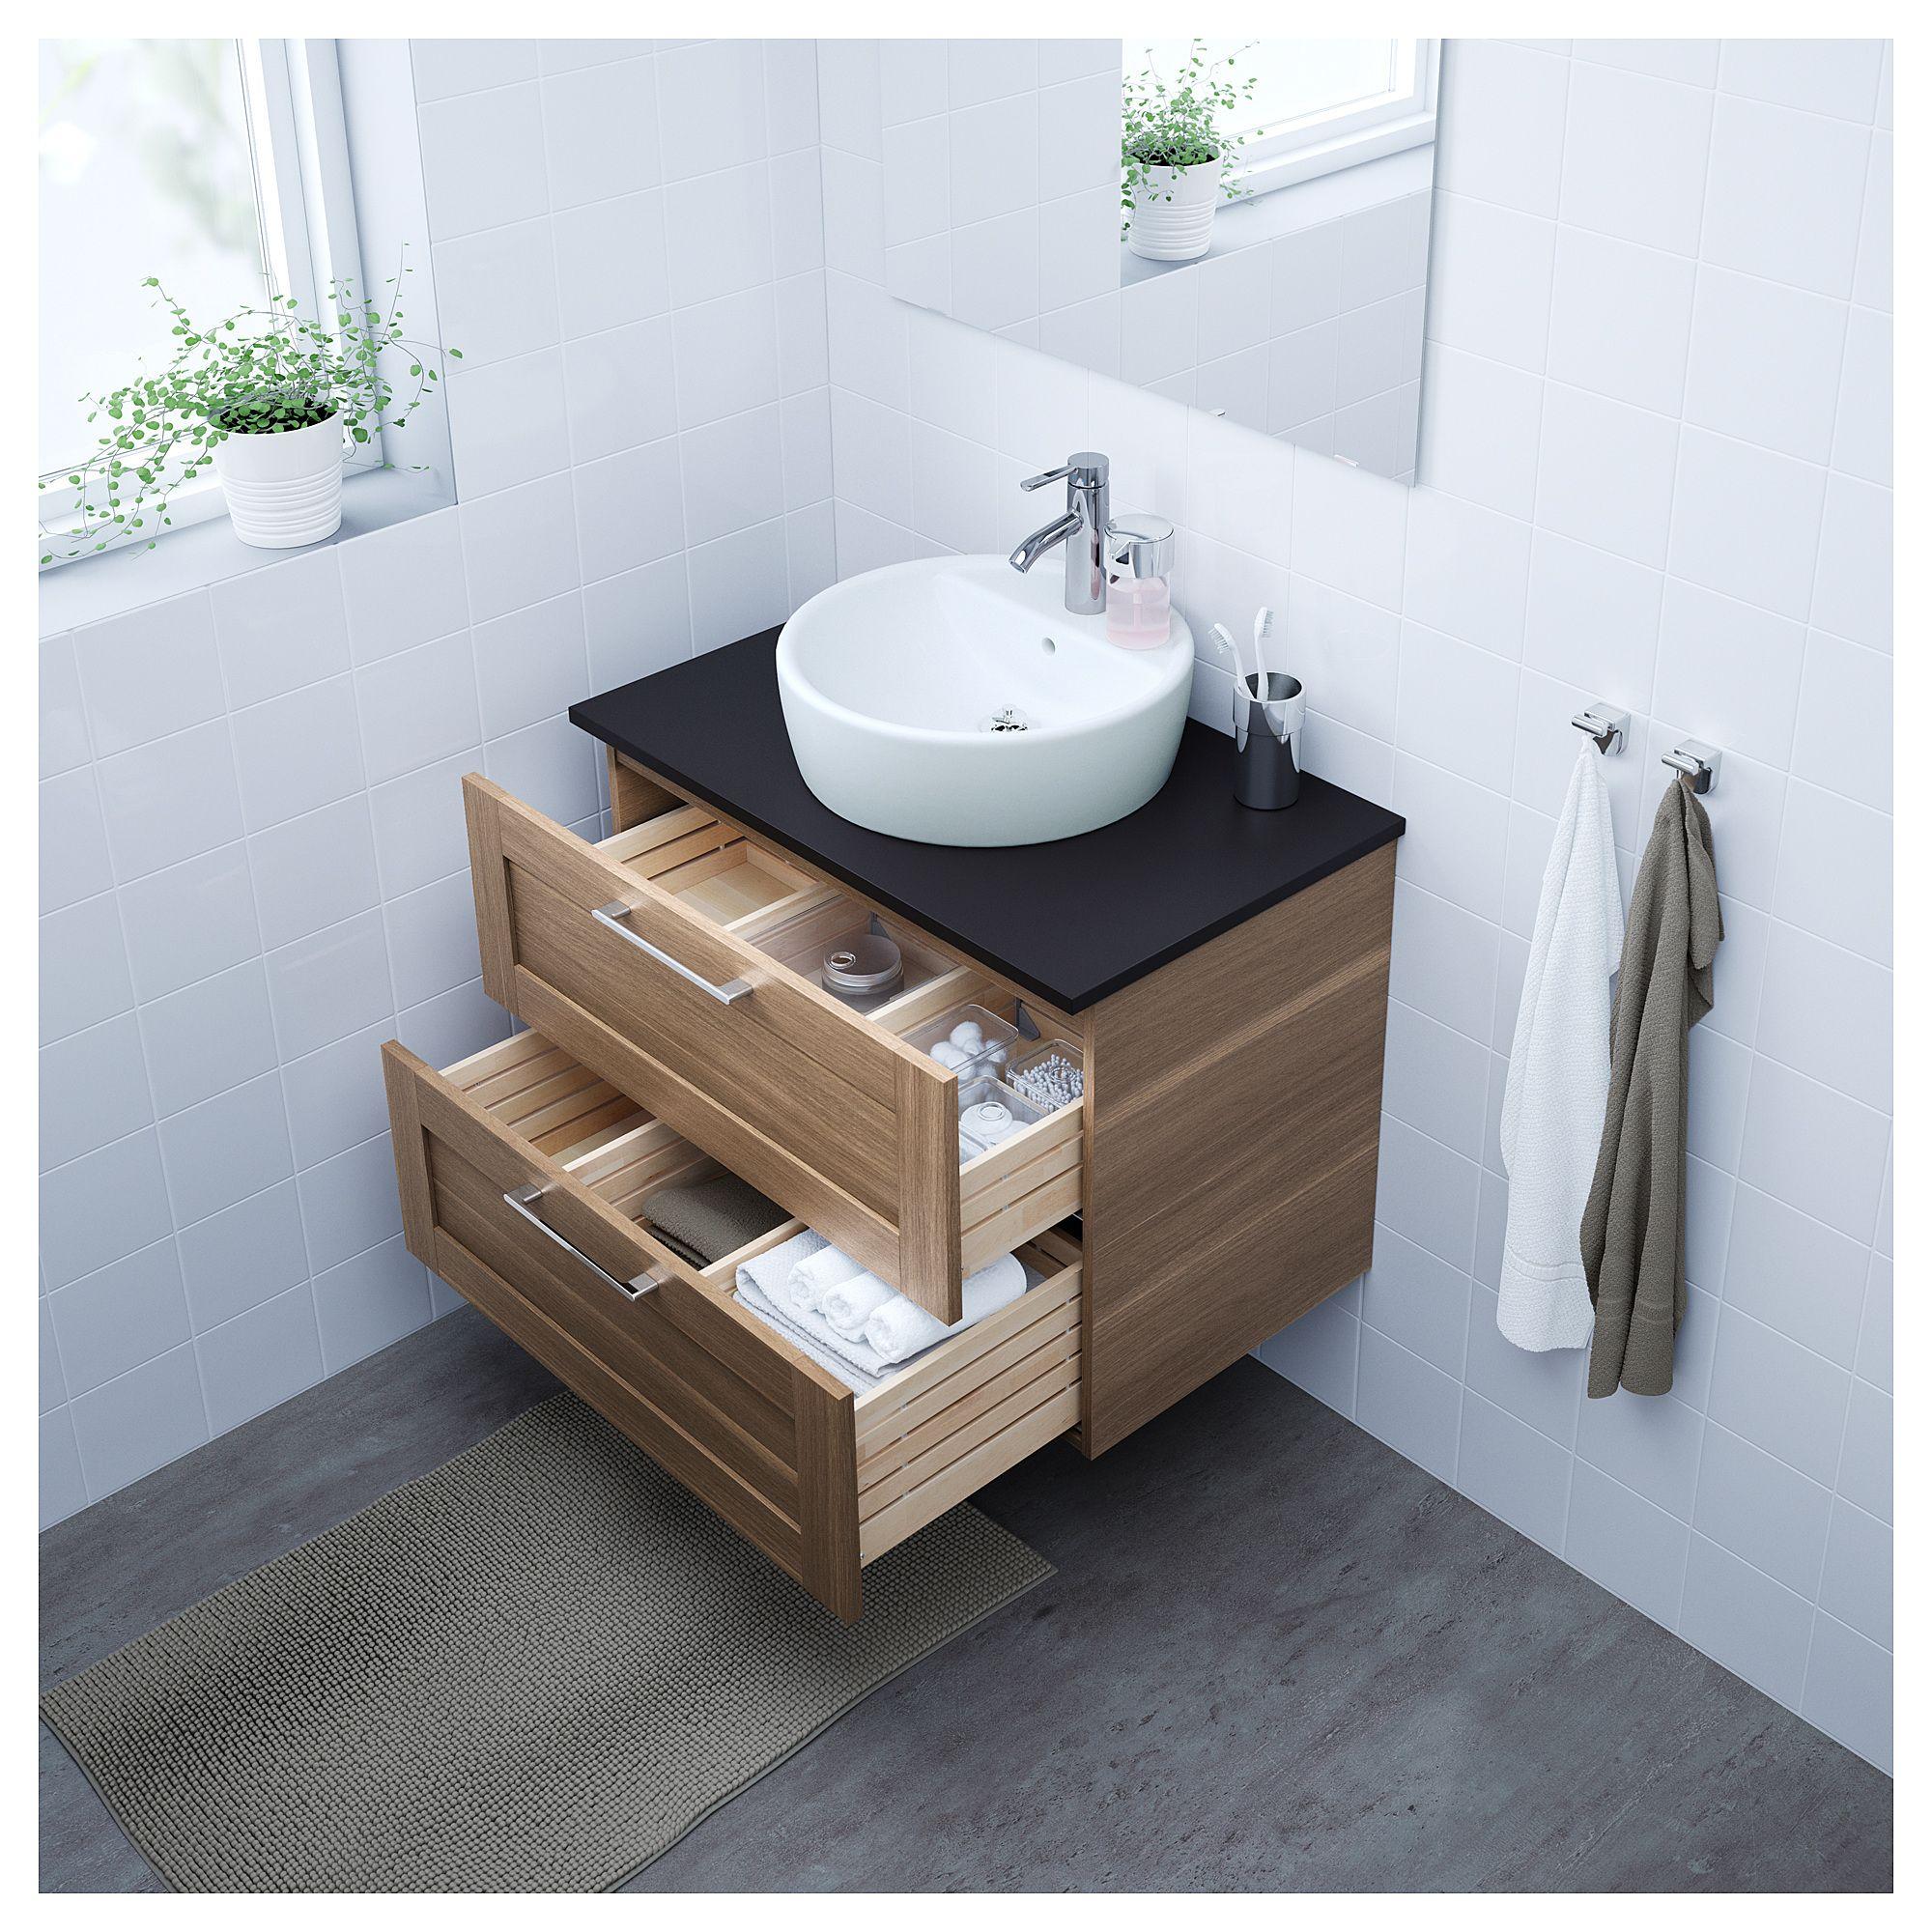 Ikea Godmorgon Tolken Tornviken Bathroom Vanity Walnut Effect